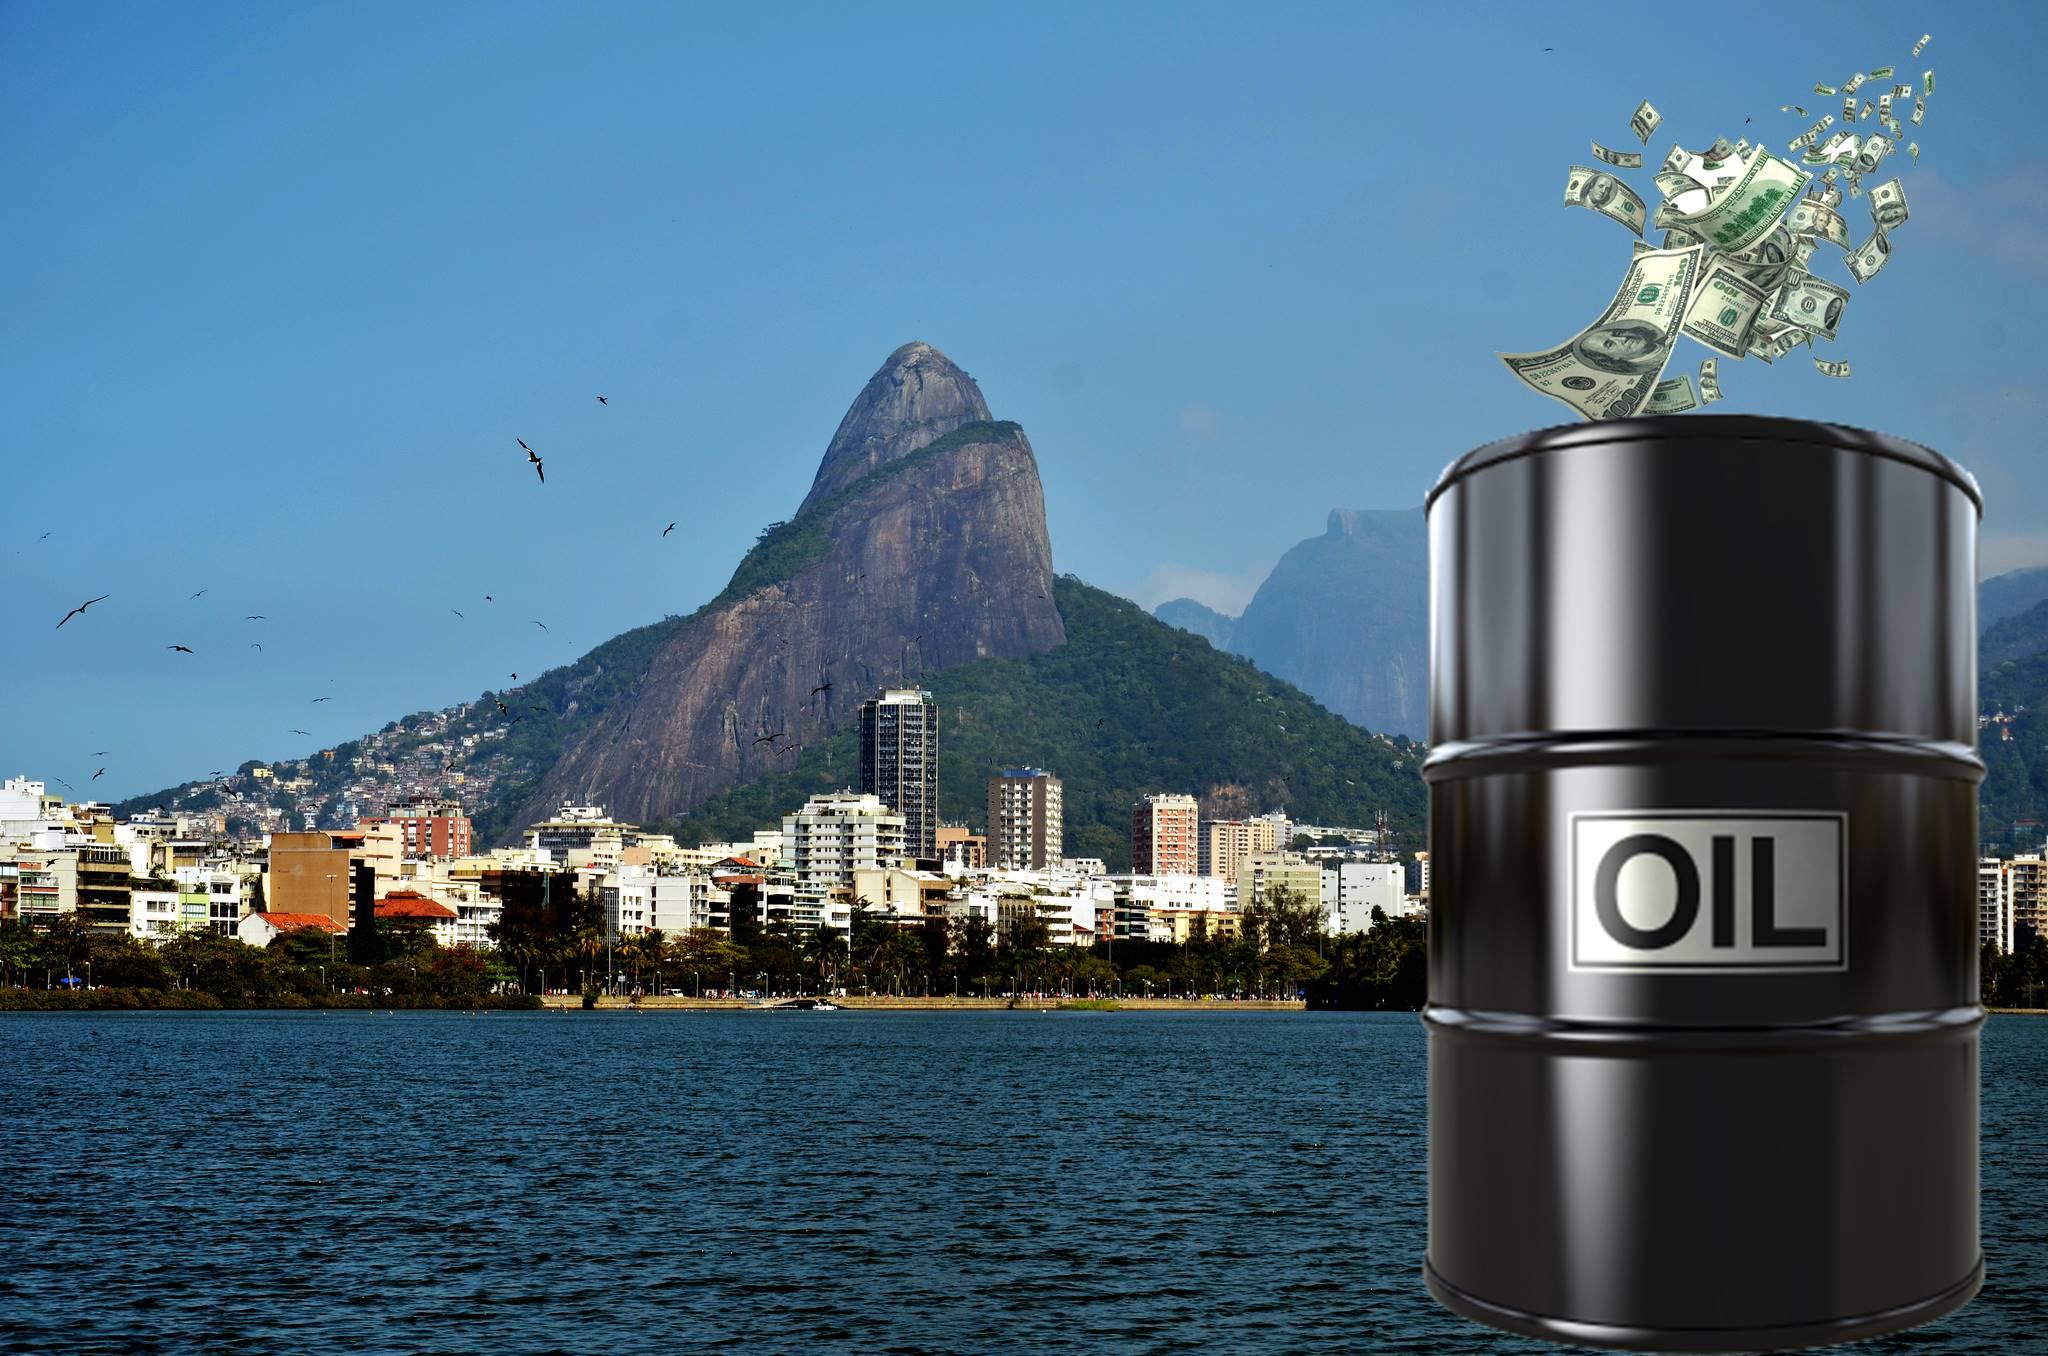 Rio de Janeiro receberá a maior arrecadação de royalties do petróleo da história em 2019